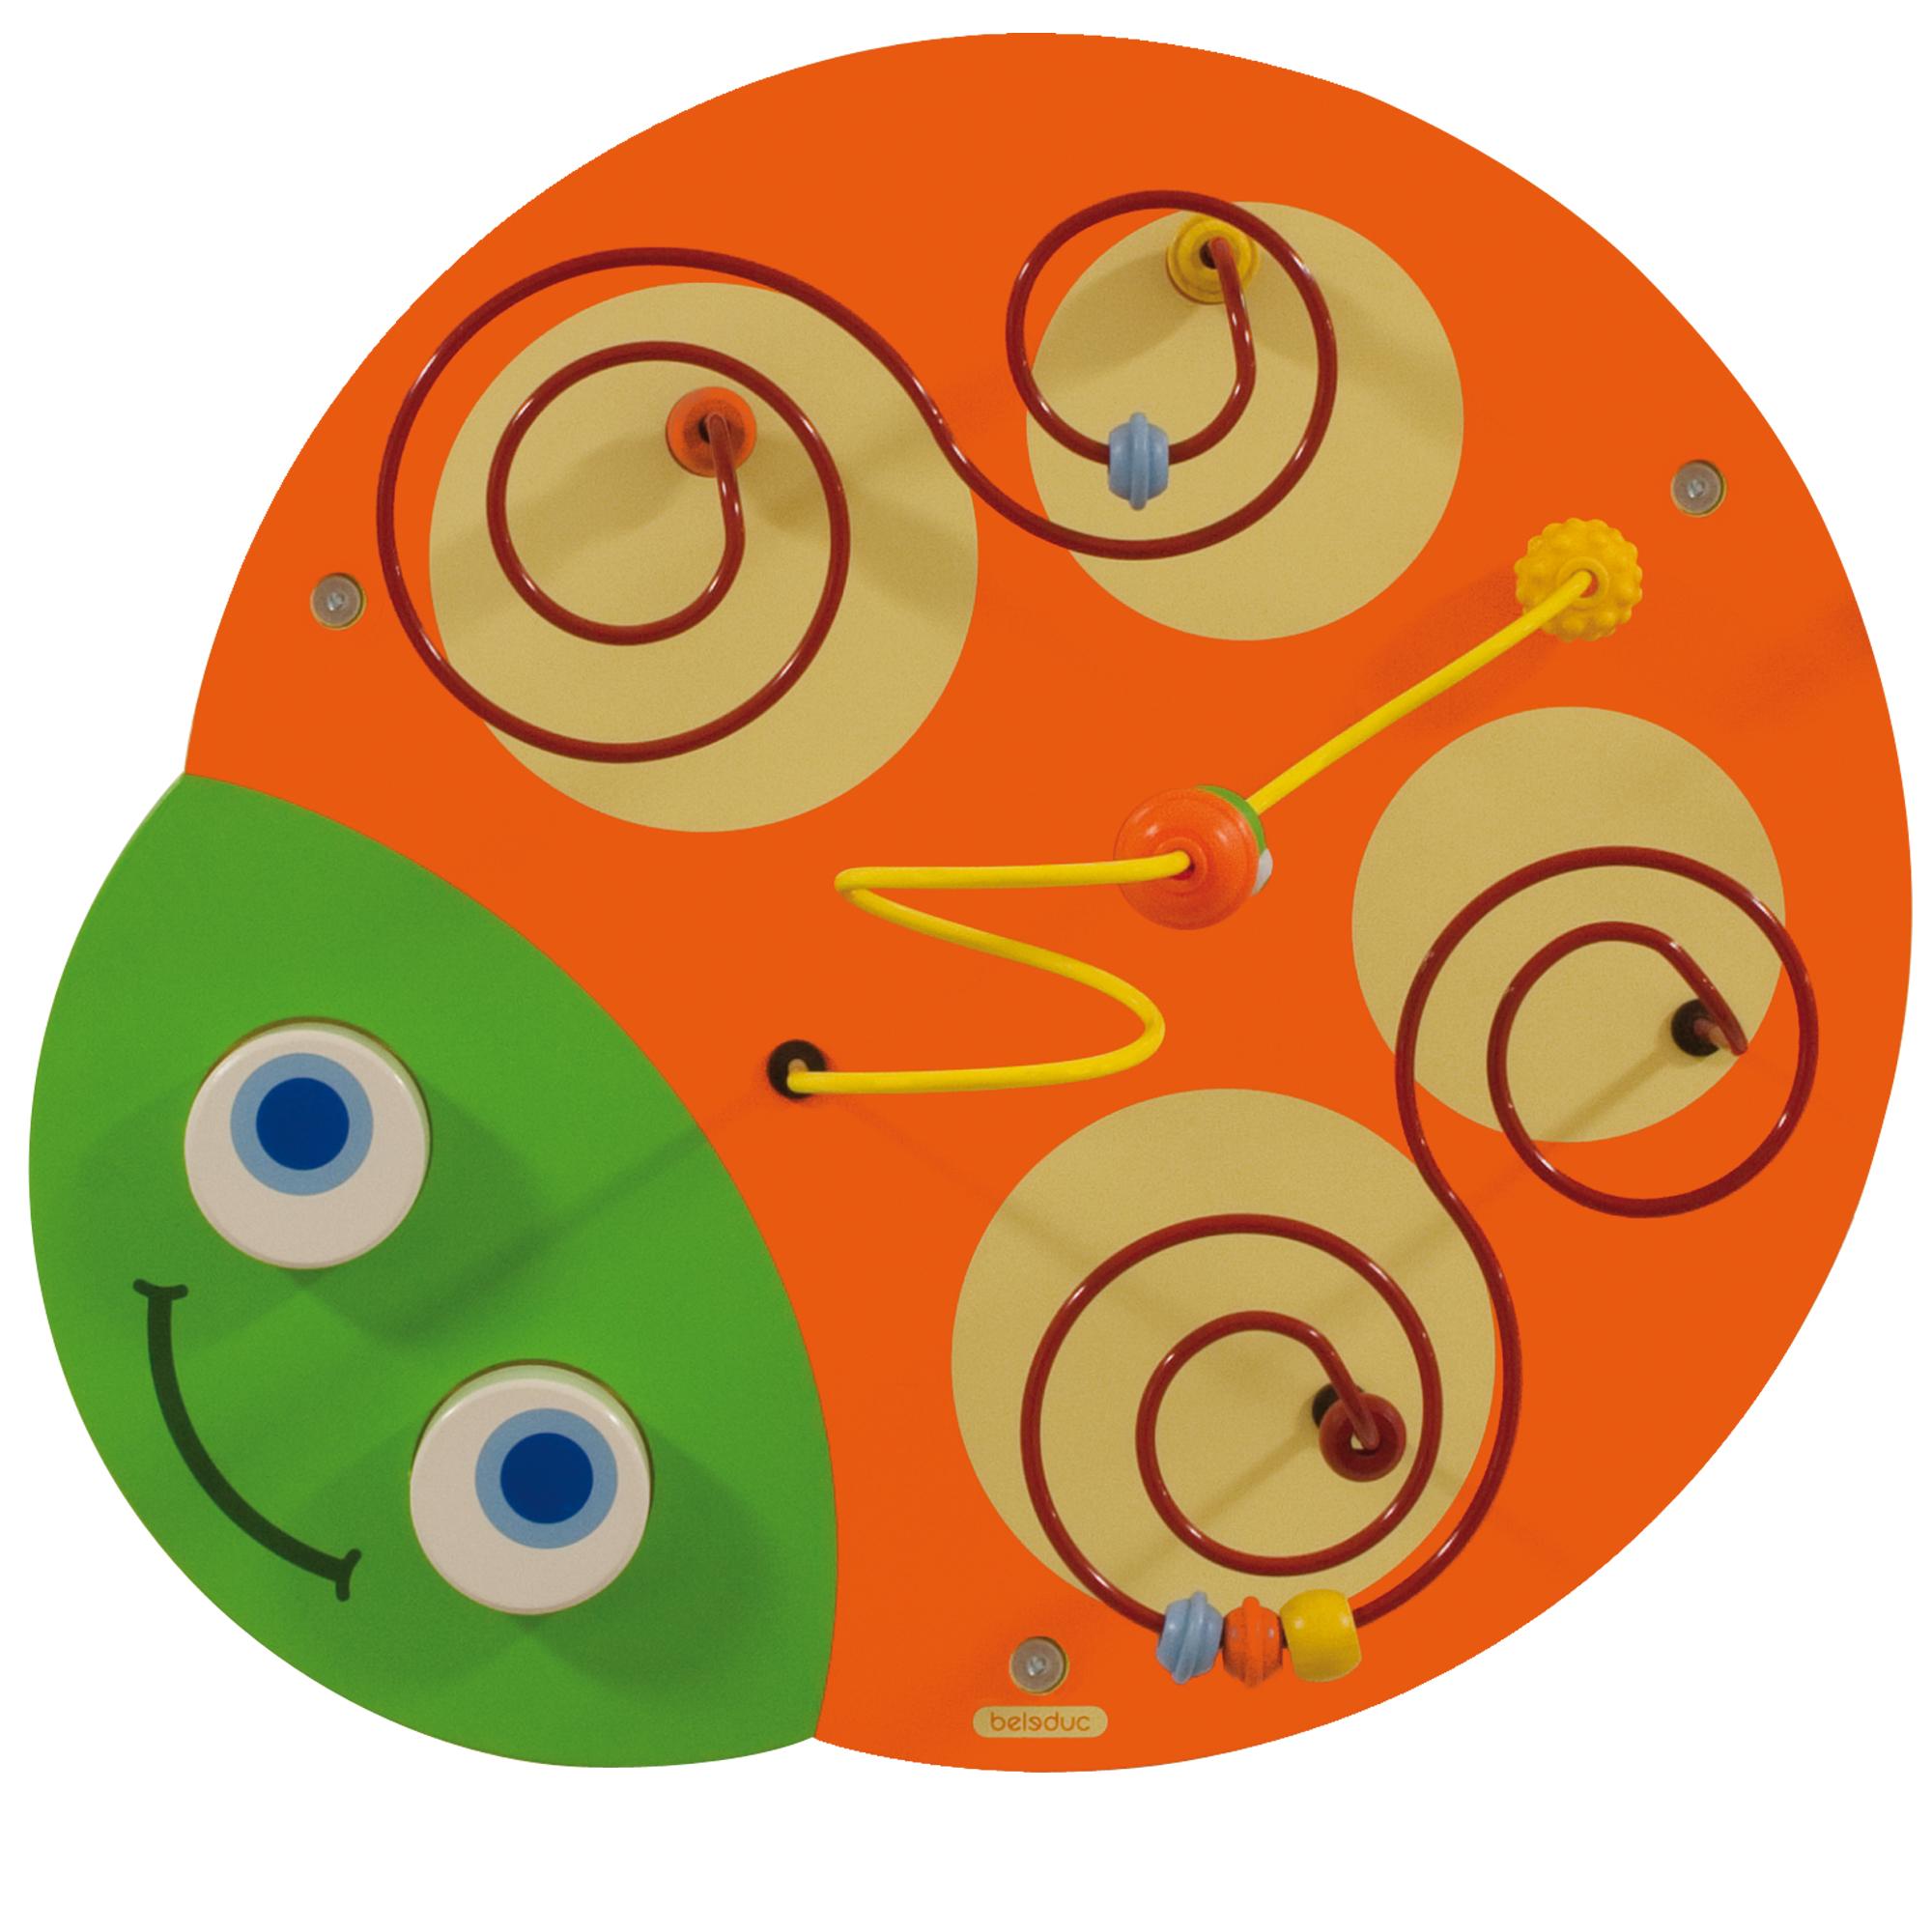 Настенный игровой элемент Гусеница - ГоловаРазвивающие центры<br>Настенный игровой элемент Гусеница - Голова<br>